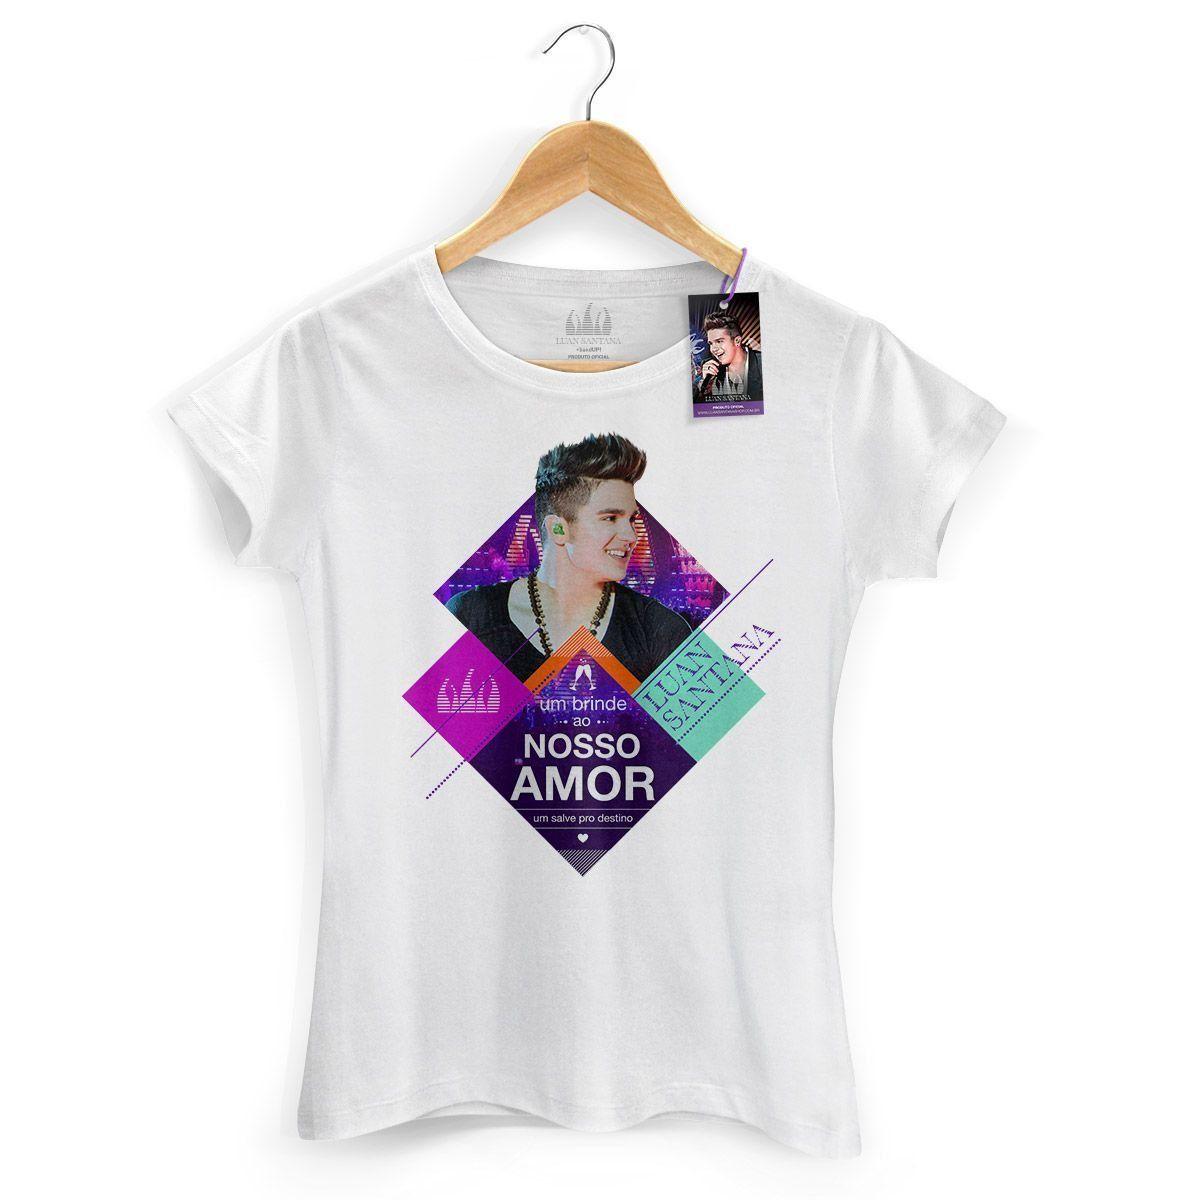 Camiseta Feminina Luan Santana - Um Brinde Ao Nosso Amor  - bandUP Store Marketplace